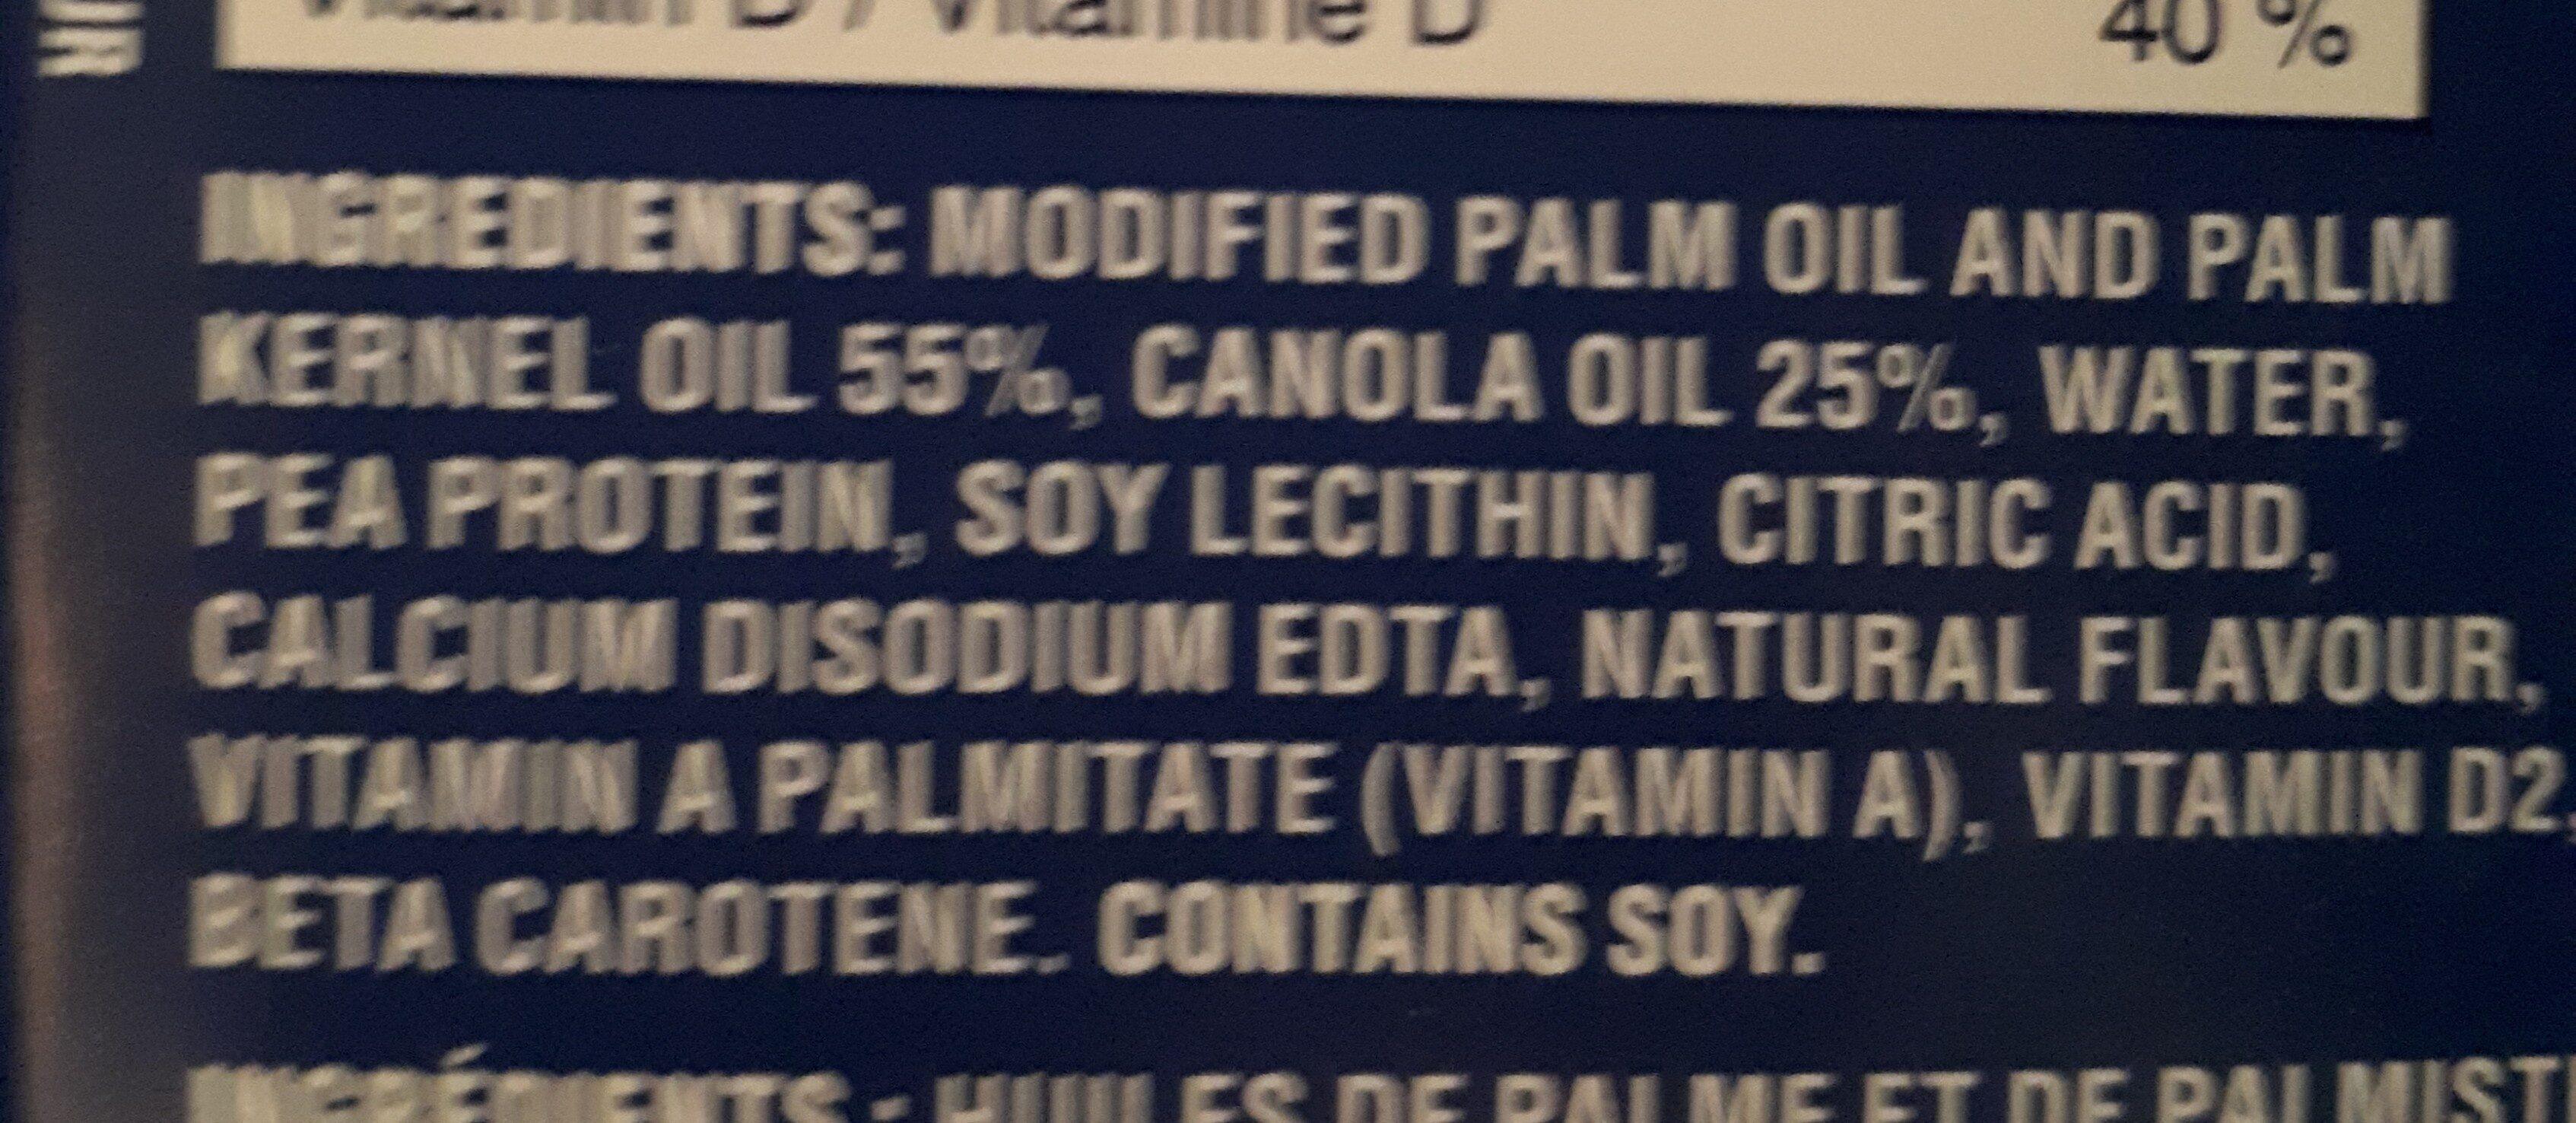 Unsalted plant based oils sticks - Ingrédients - fr